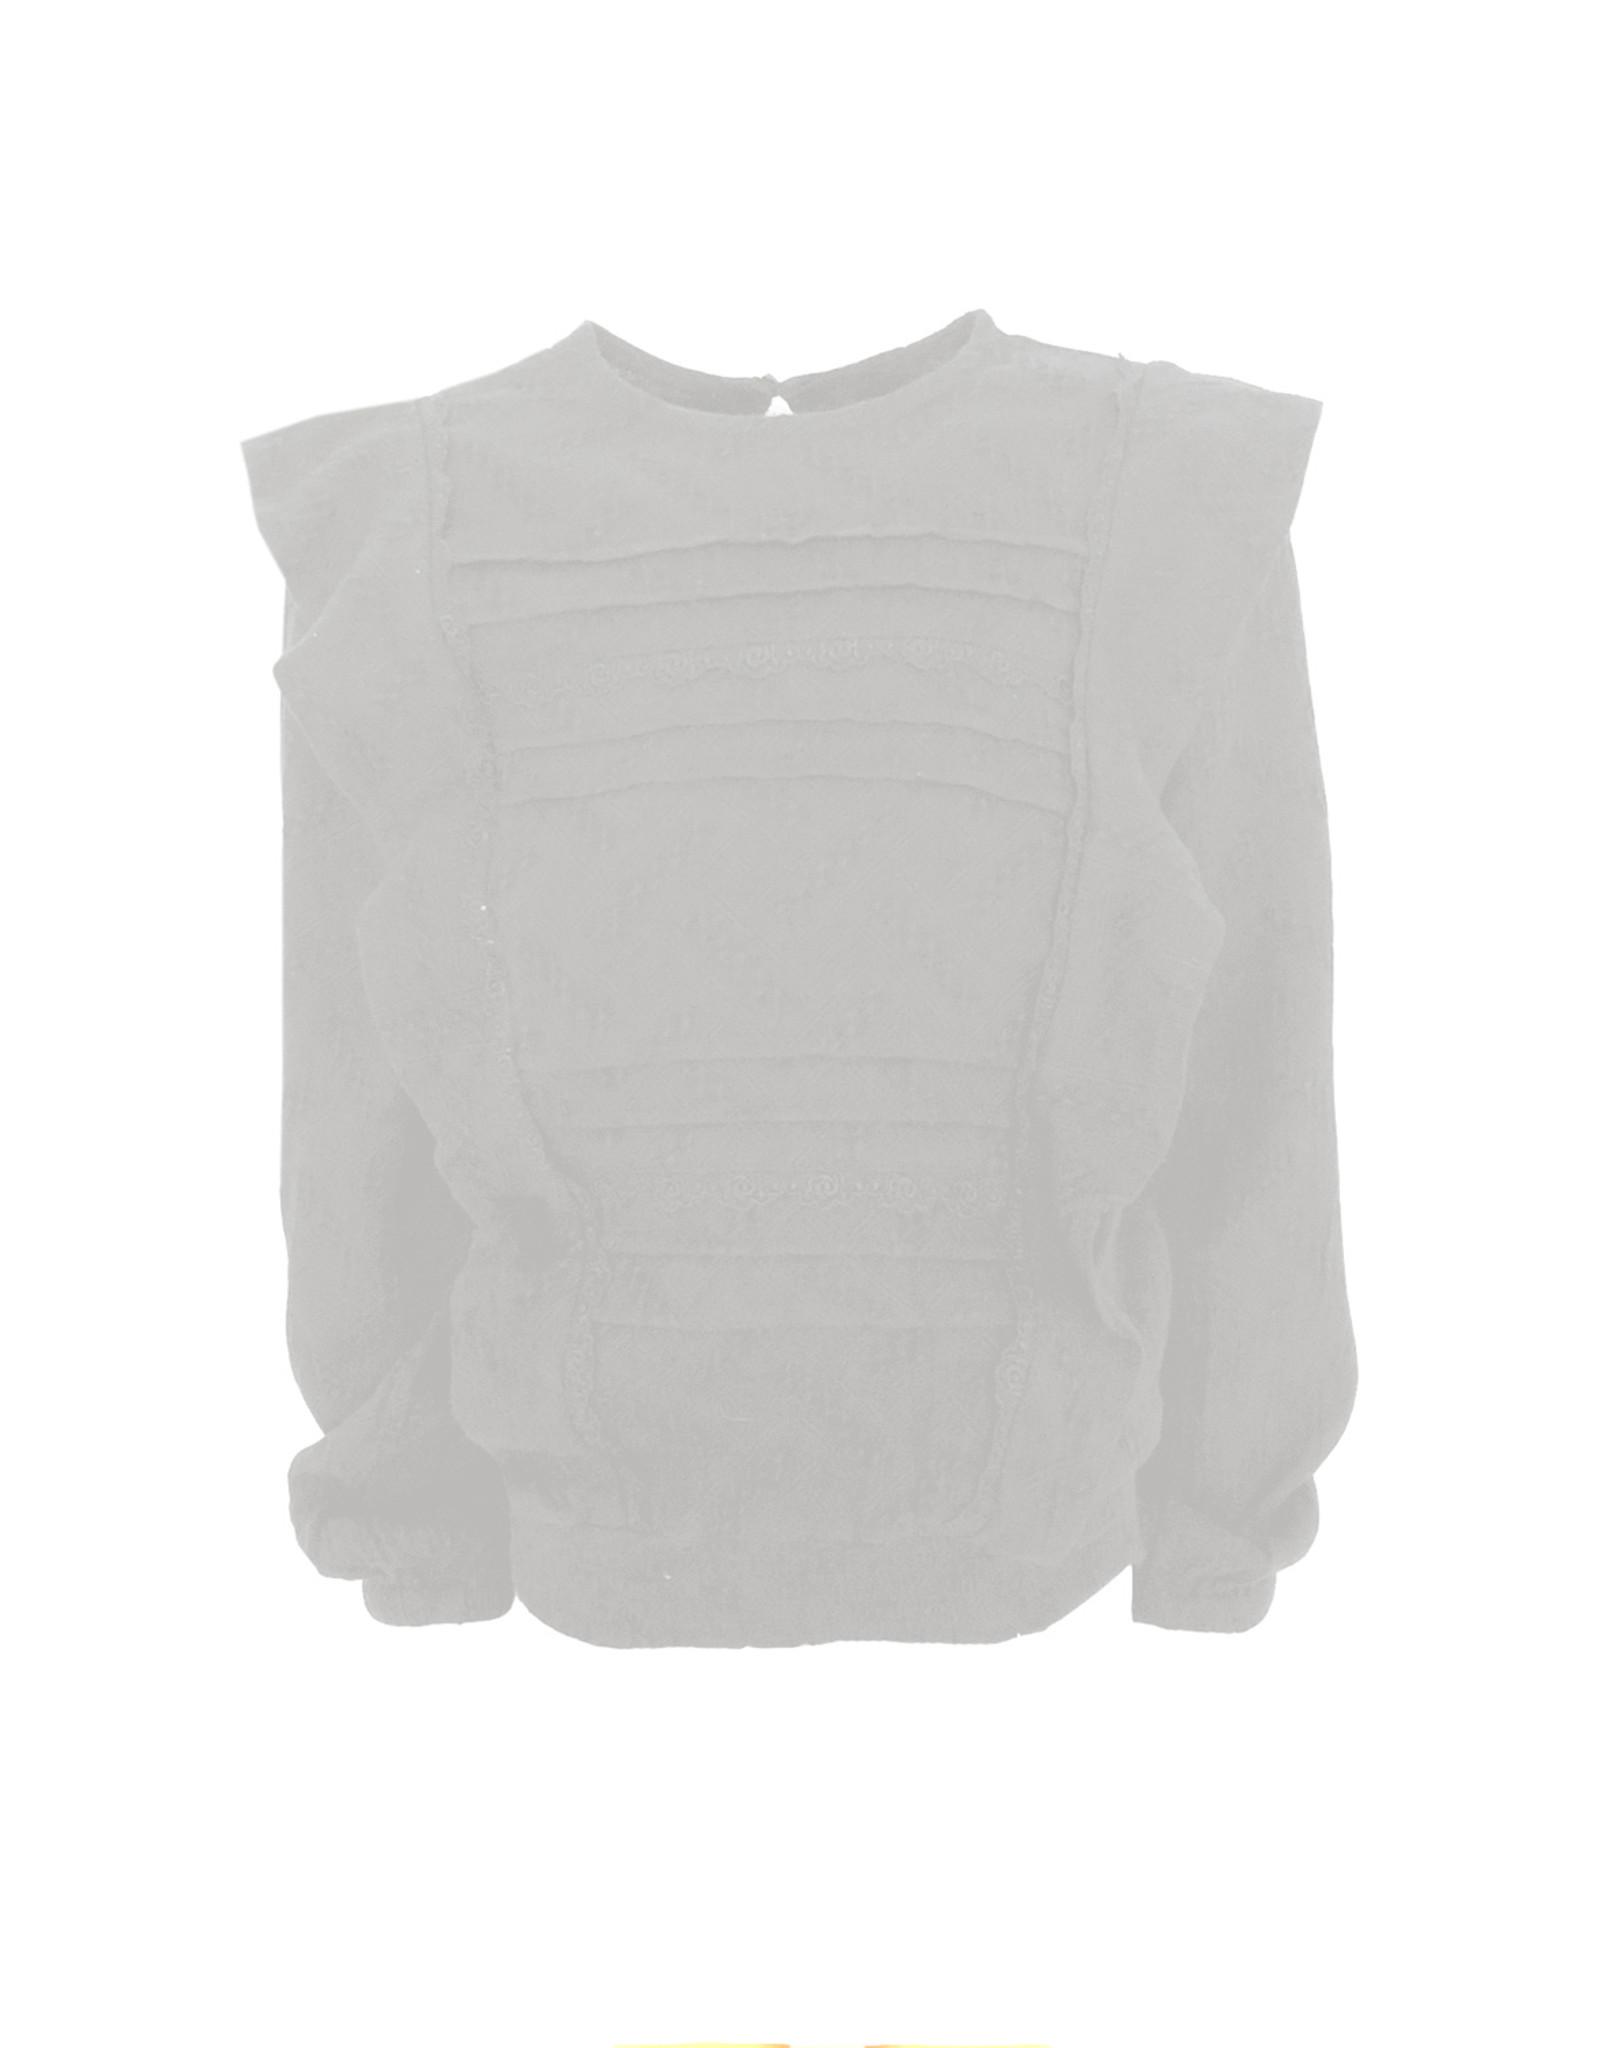 Topitm ANITA blouse maat 98/104